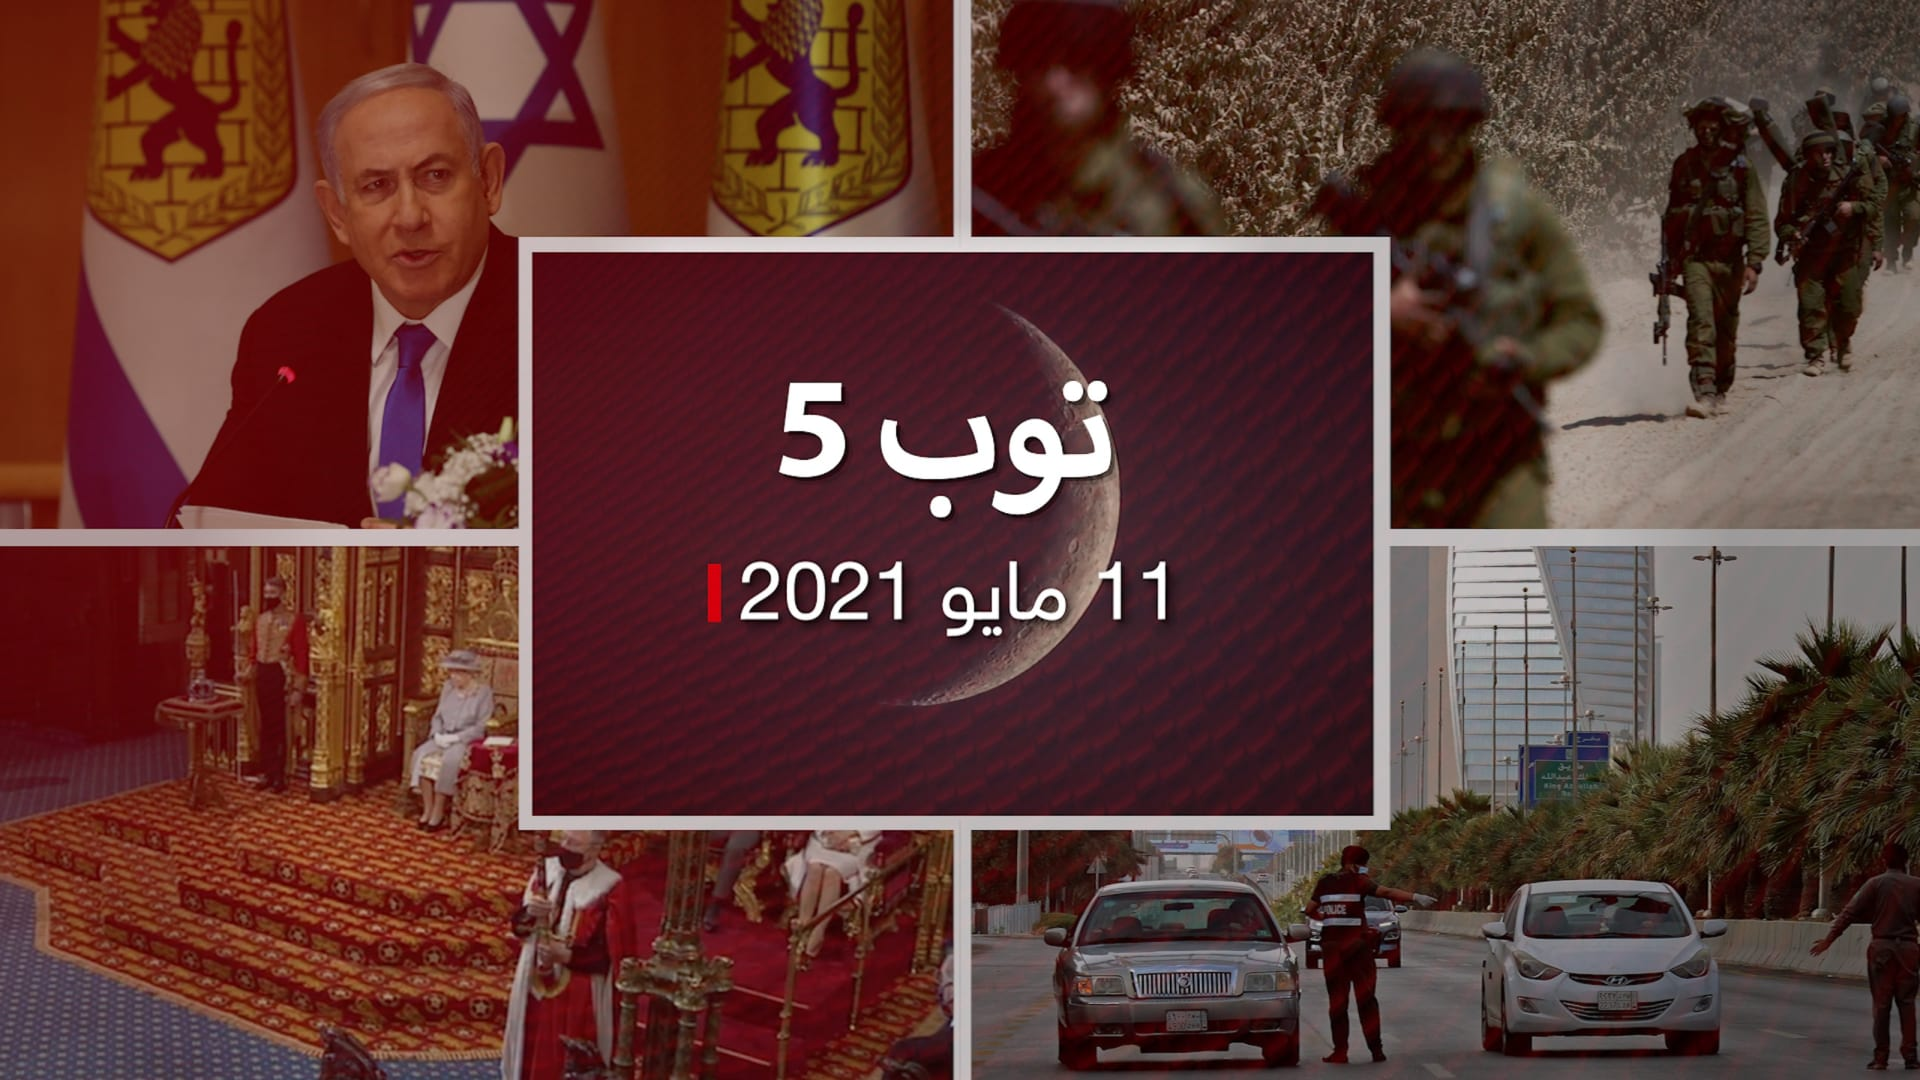 توب 5.. تحديد عيد الفطر في السعودية.. وإس ائيل قياديا برازا في حماس